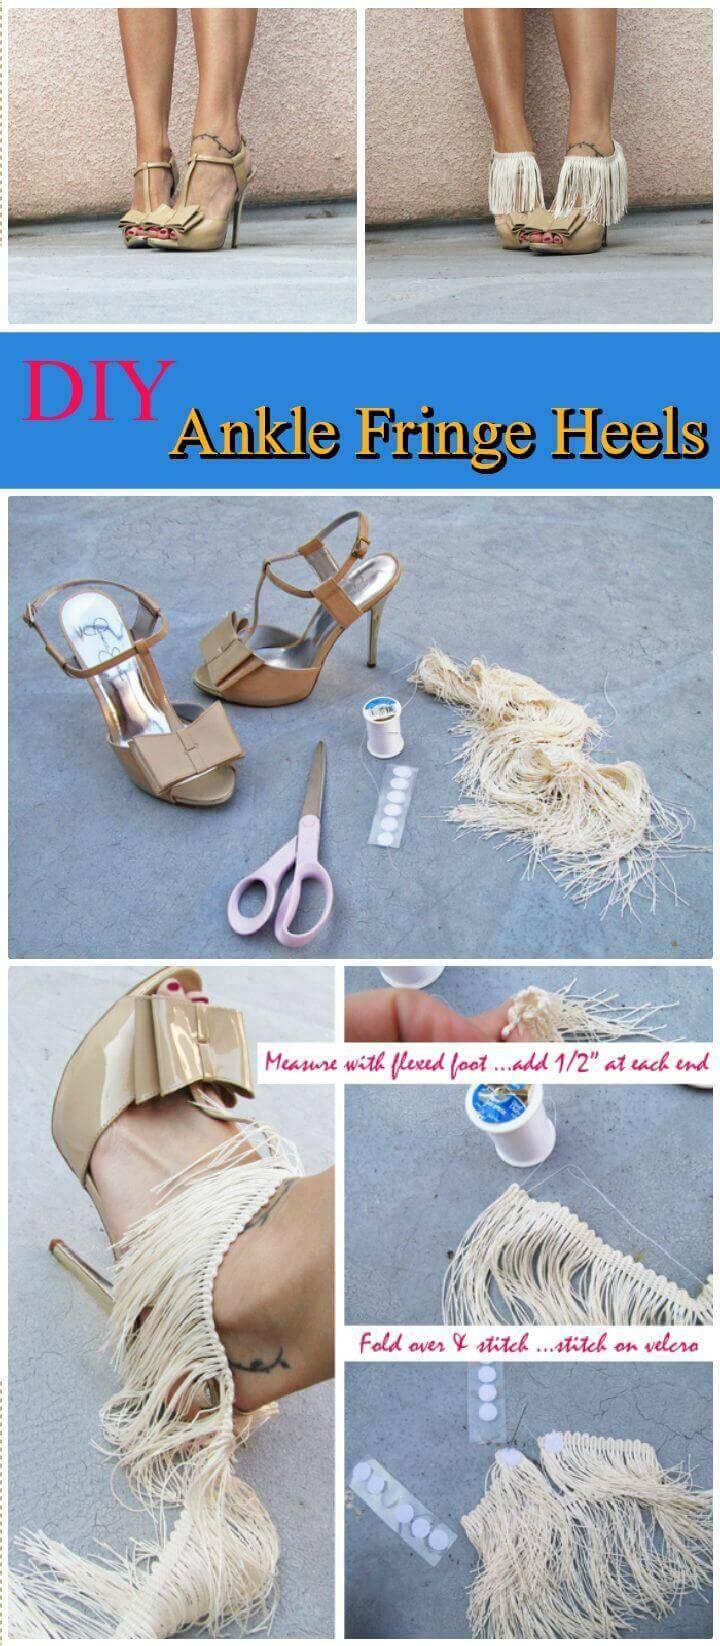 DIY Ankle Fringe Heels